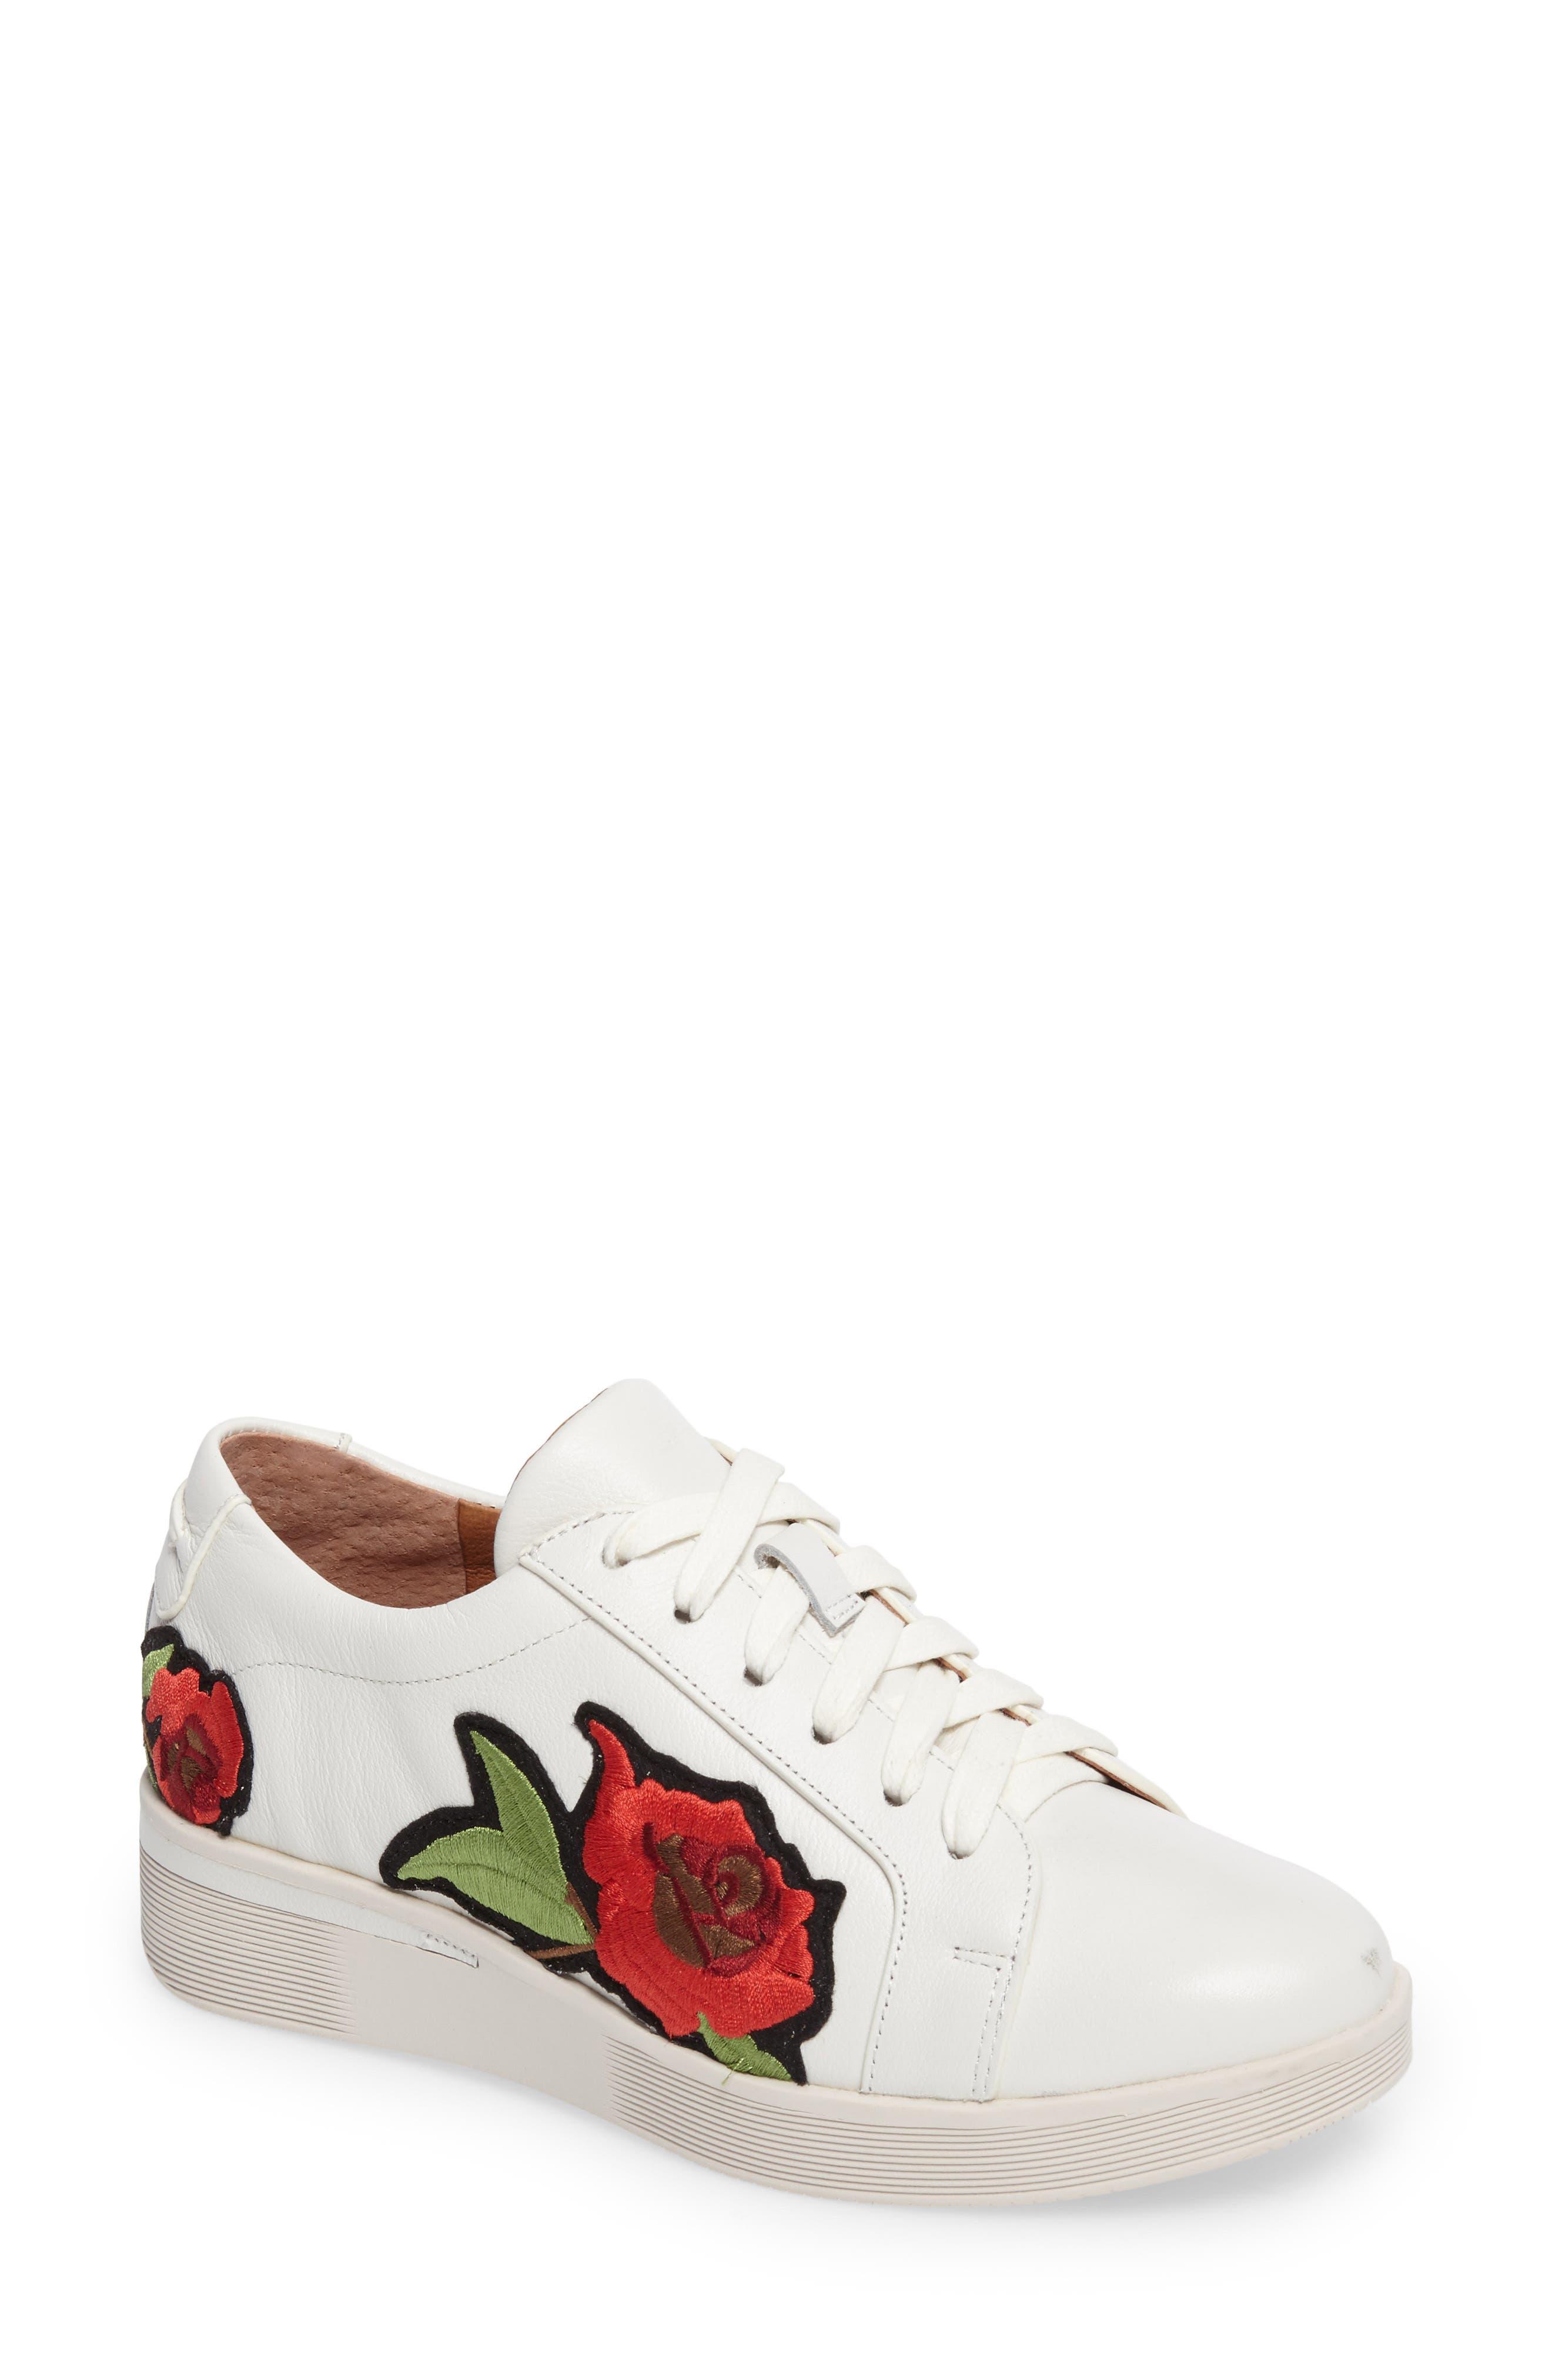 Gentle Soles Haddie Rose Sneaker,                         Main,                         color, 110